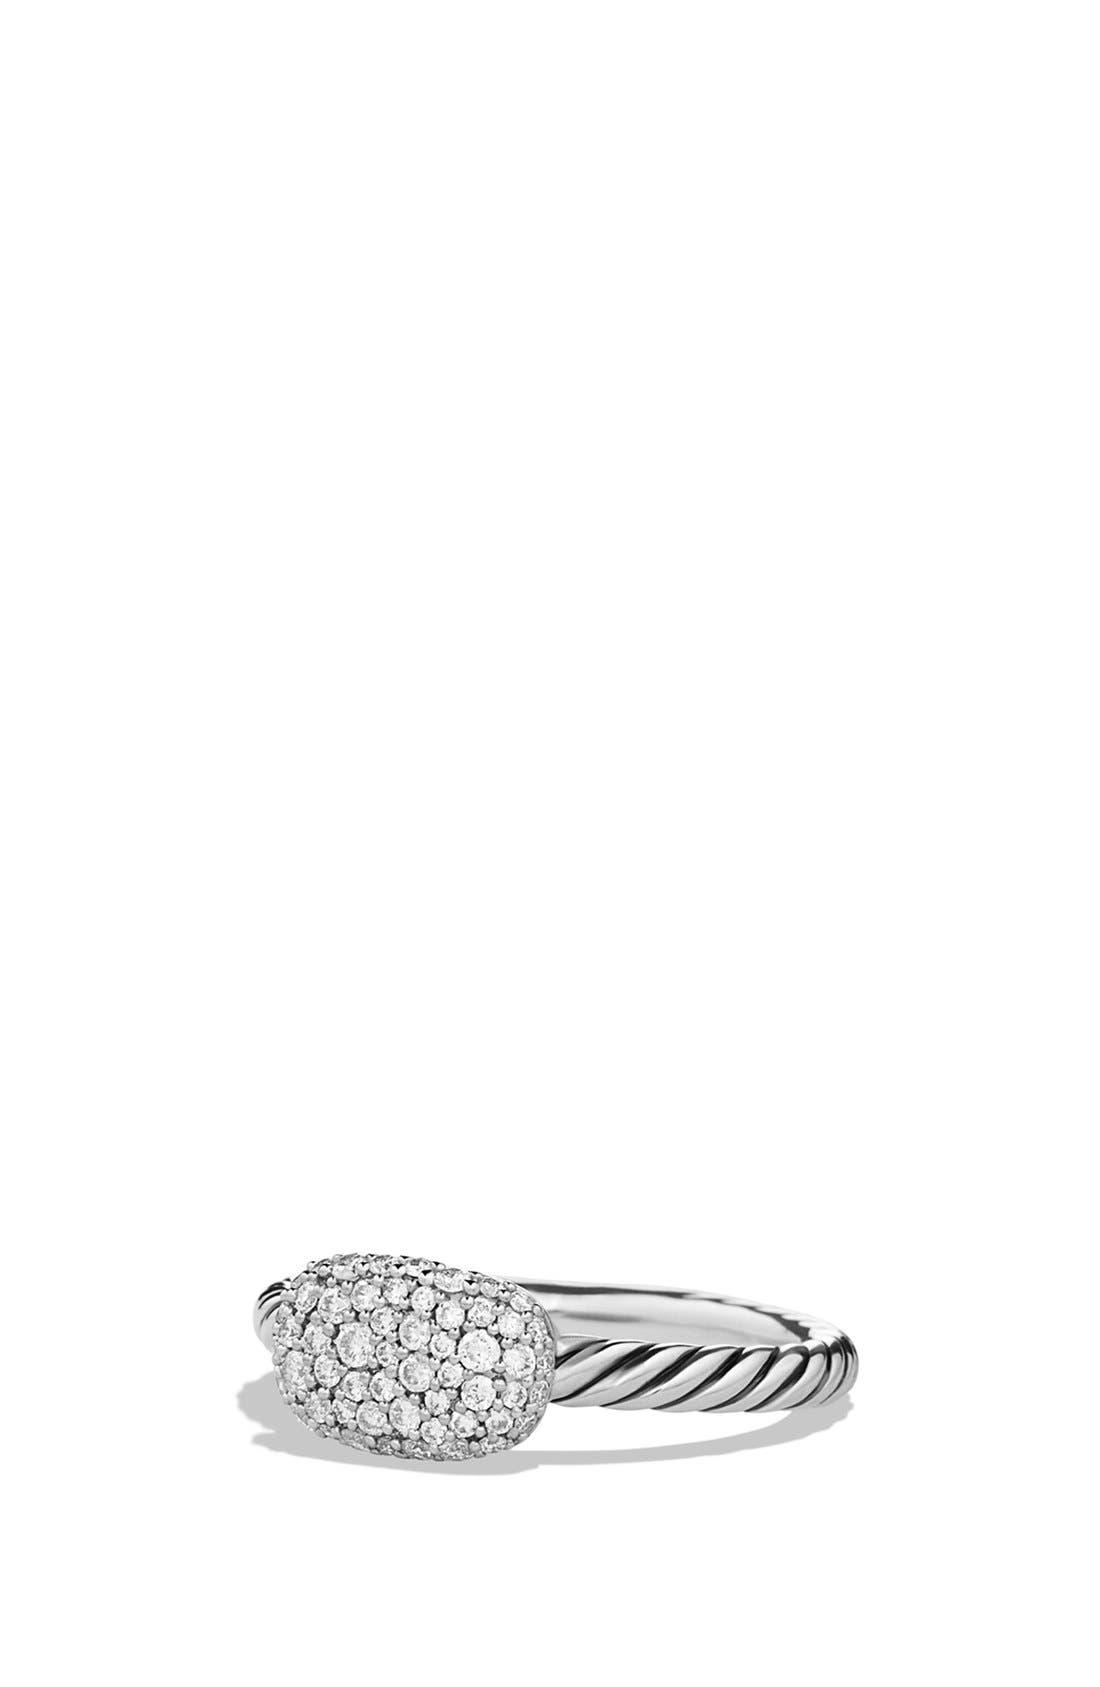 Main Image - David Yurman 'Petite' Pavé Cushion Ring with Diamonds